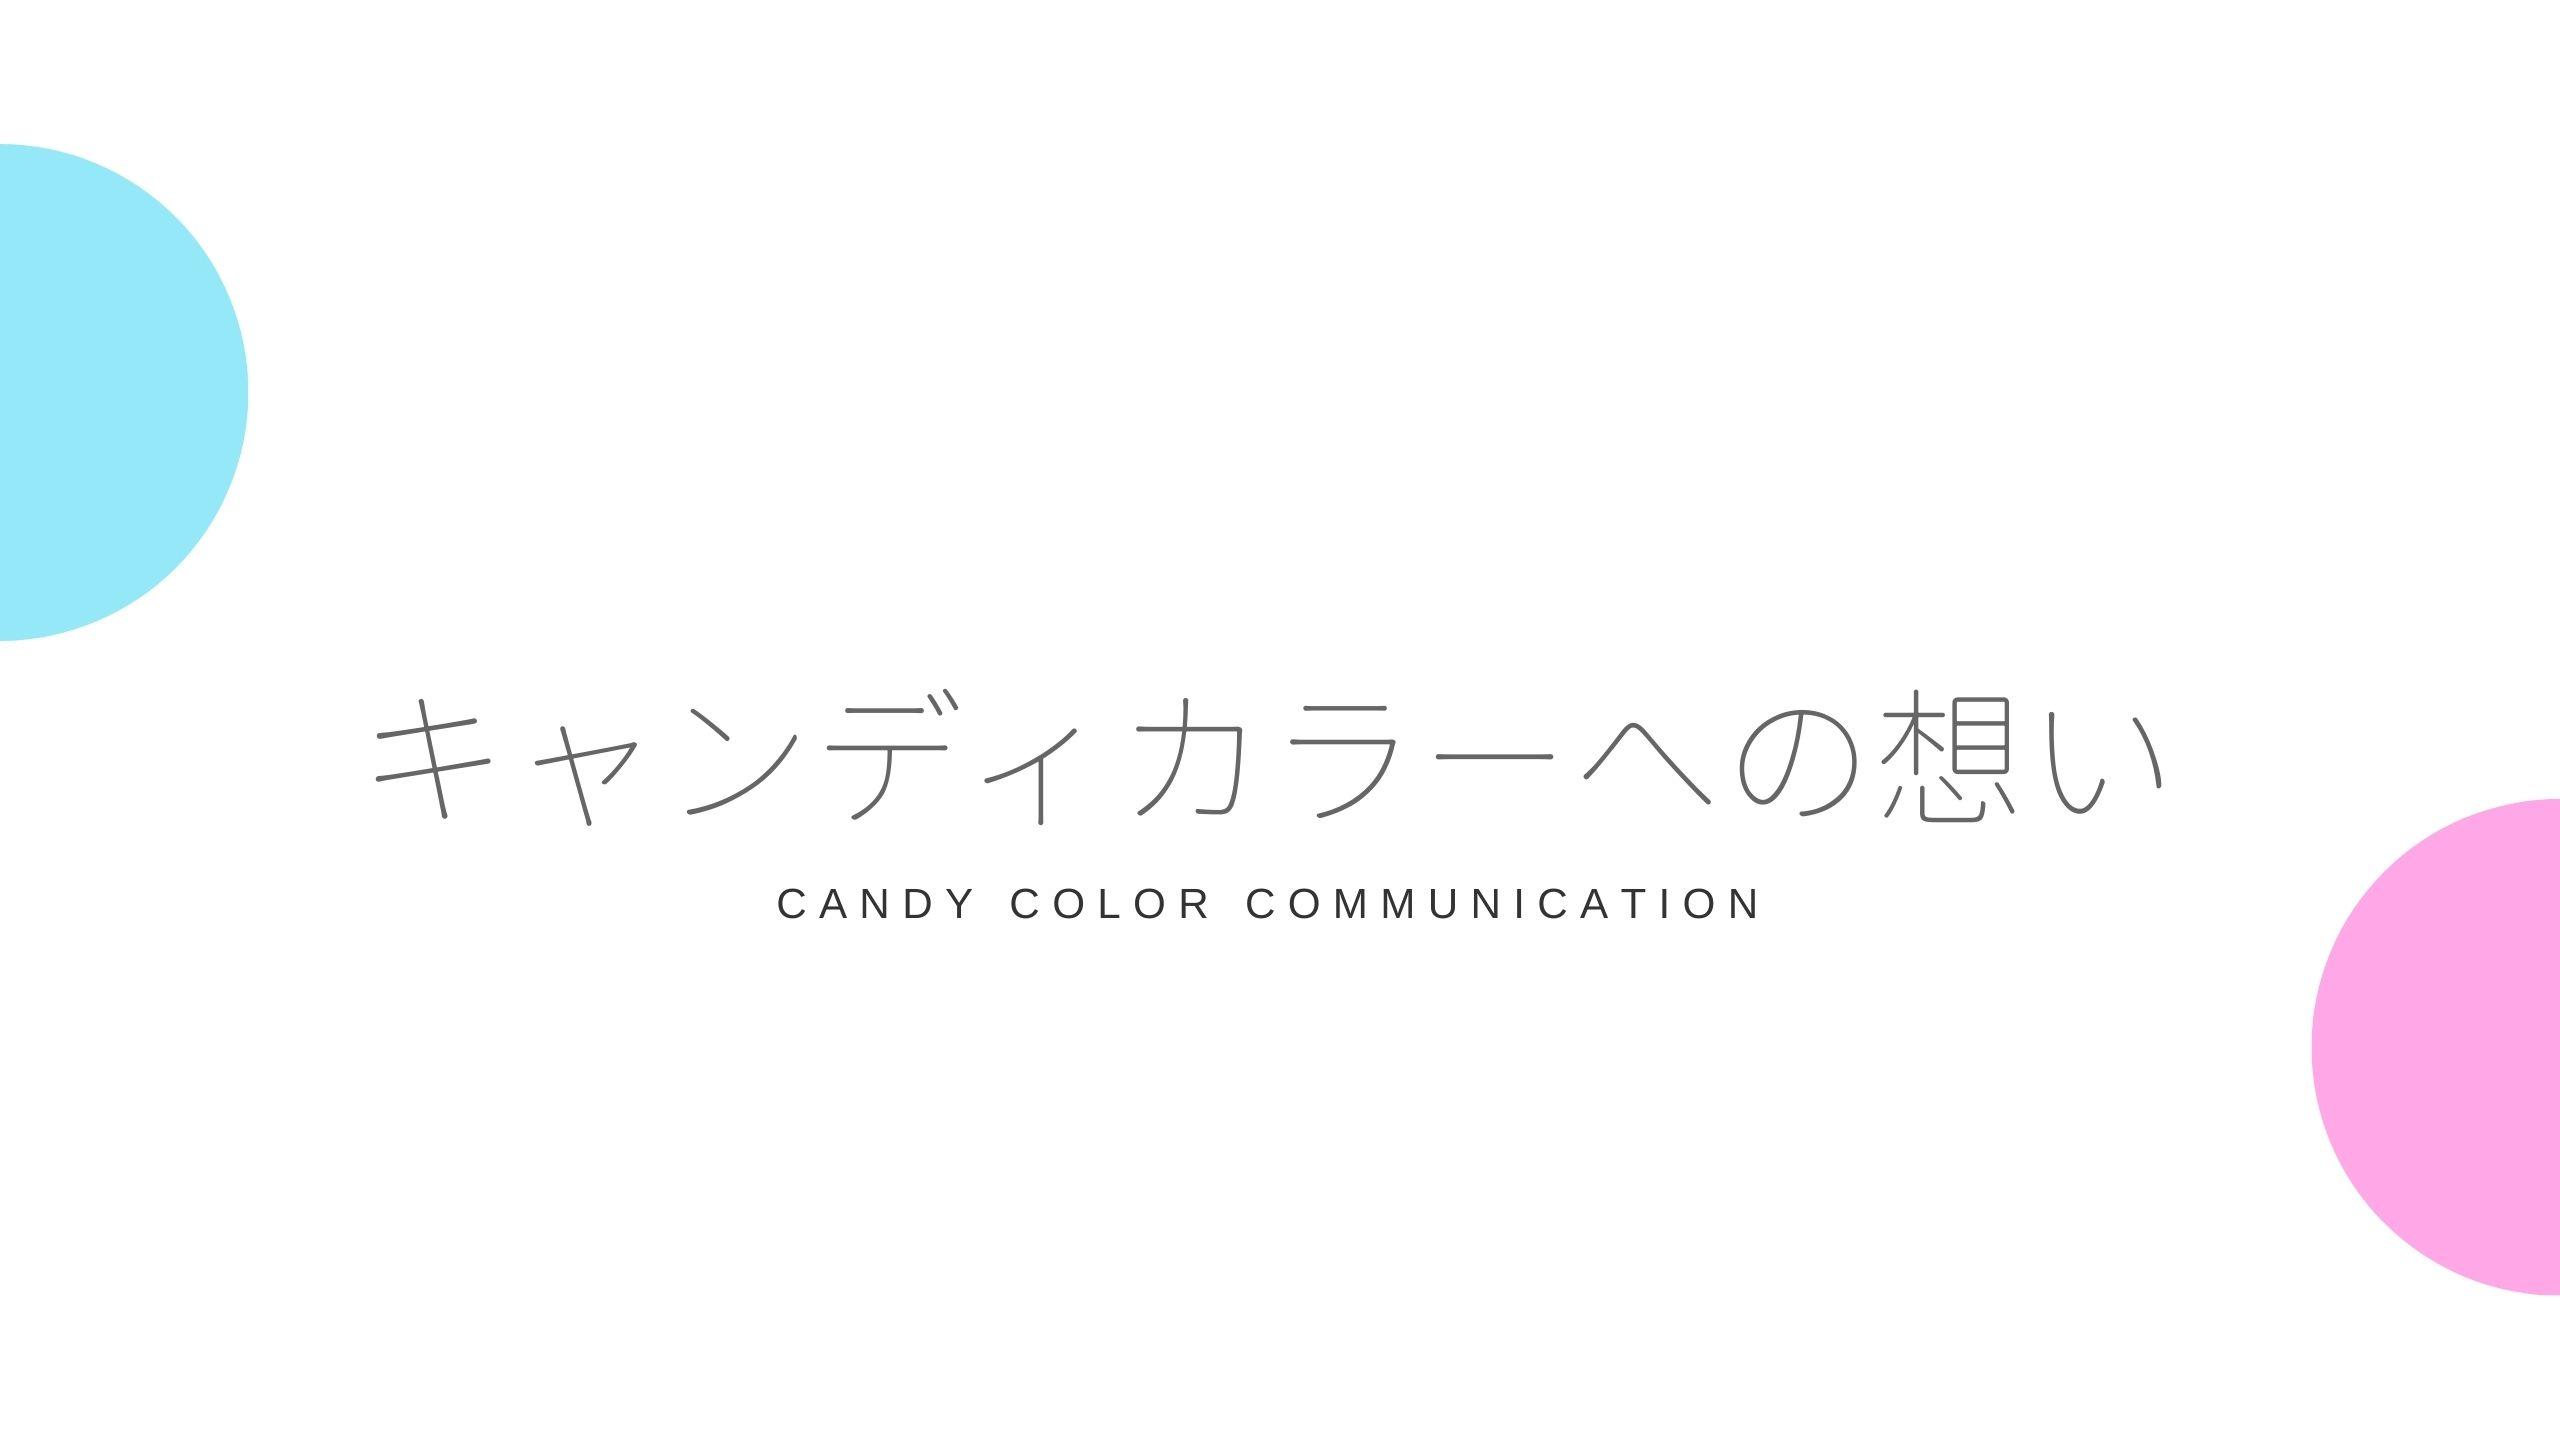 キャンディカラーコミュニケーションへの想い